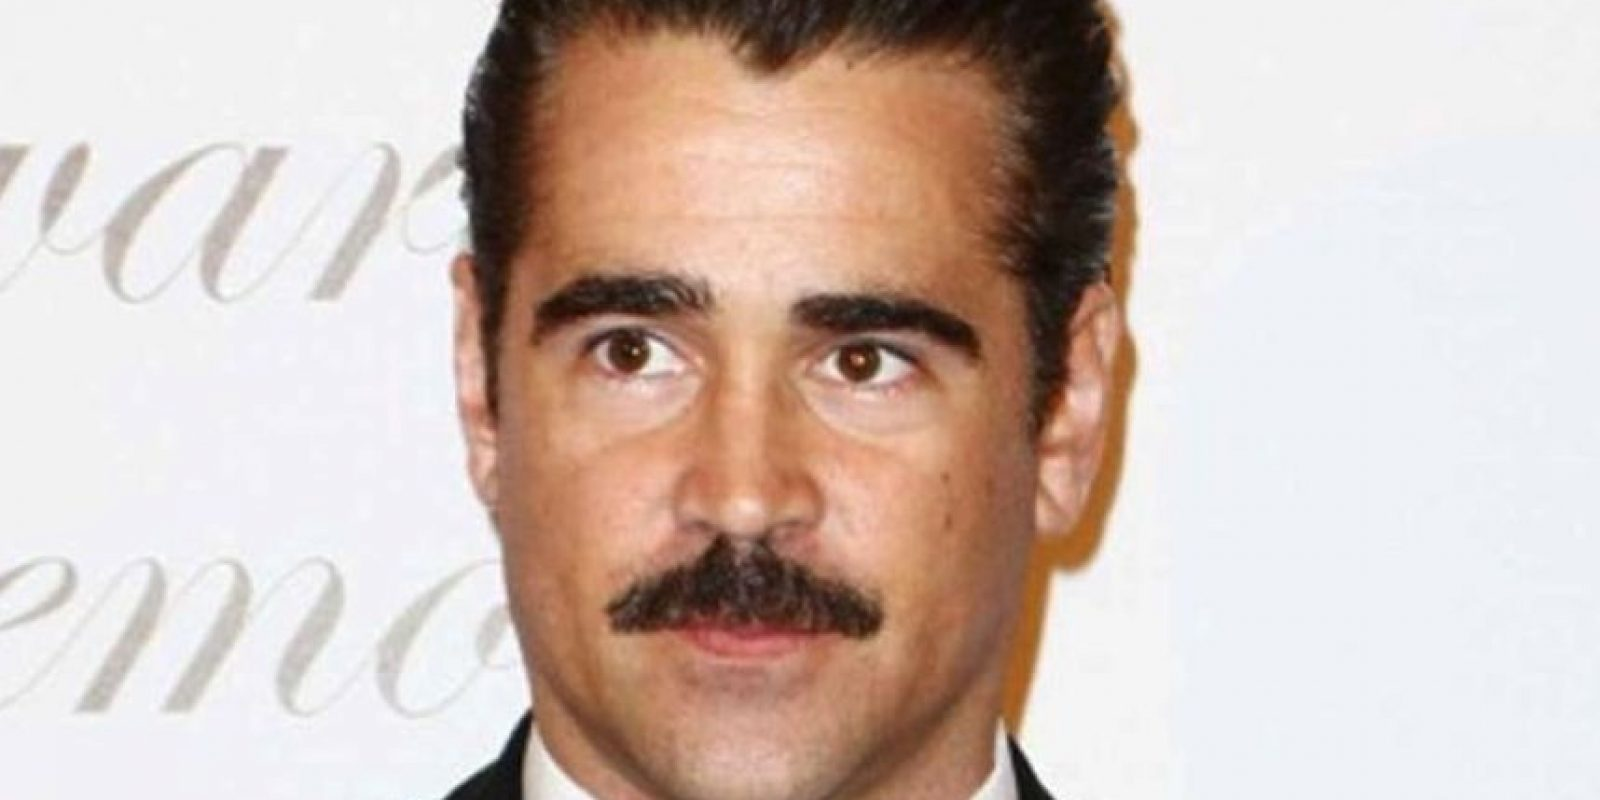 Colin Farrell: En 2003 se dio a conocer este video, que tiene 10 minutos de duración. Se le ve con la ex Playmate Nicole Narain. Foto:Getty Images